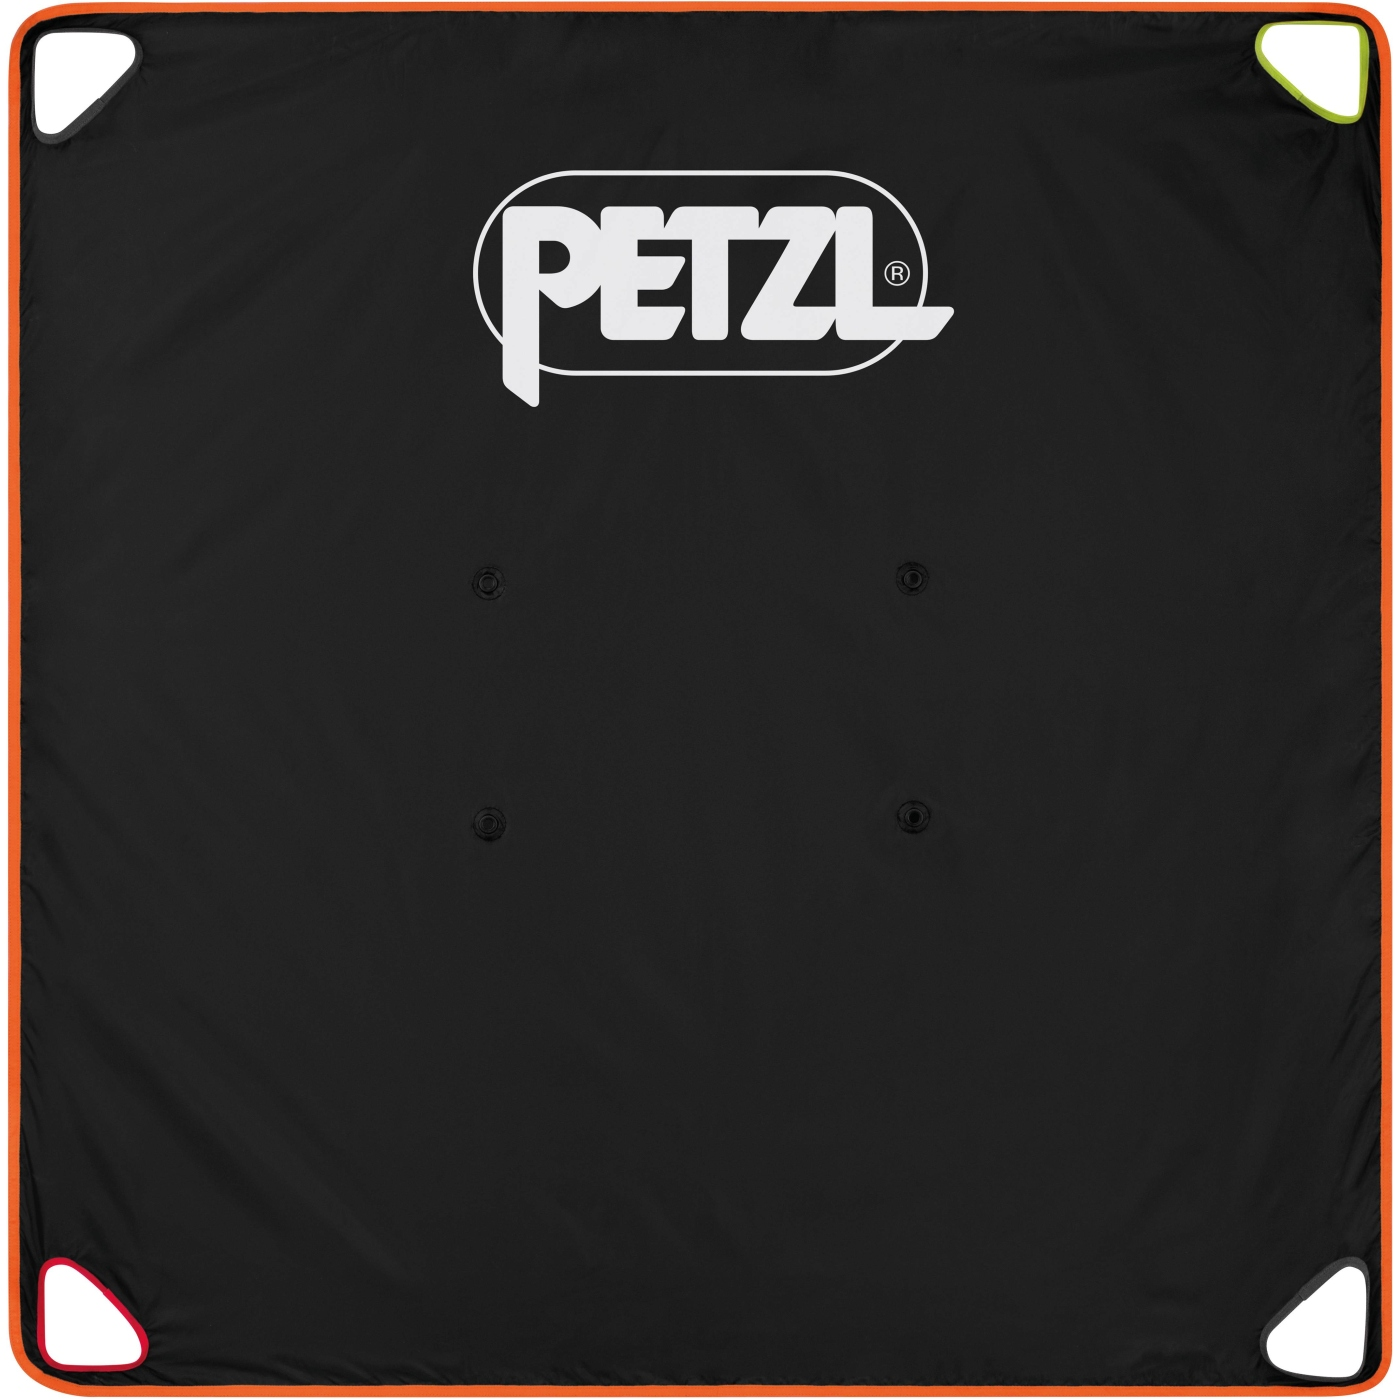 Produktbild von Petzl Tarp 140 x 140cm Seilplane - schwarz